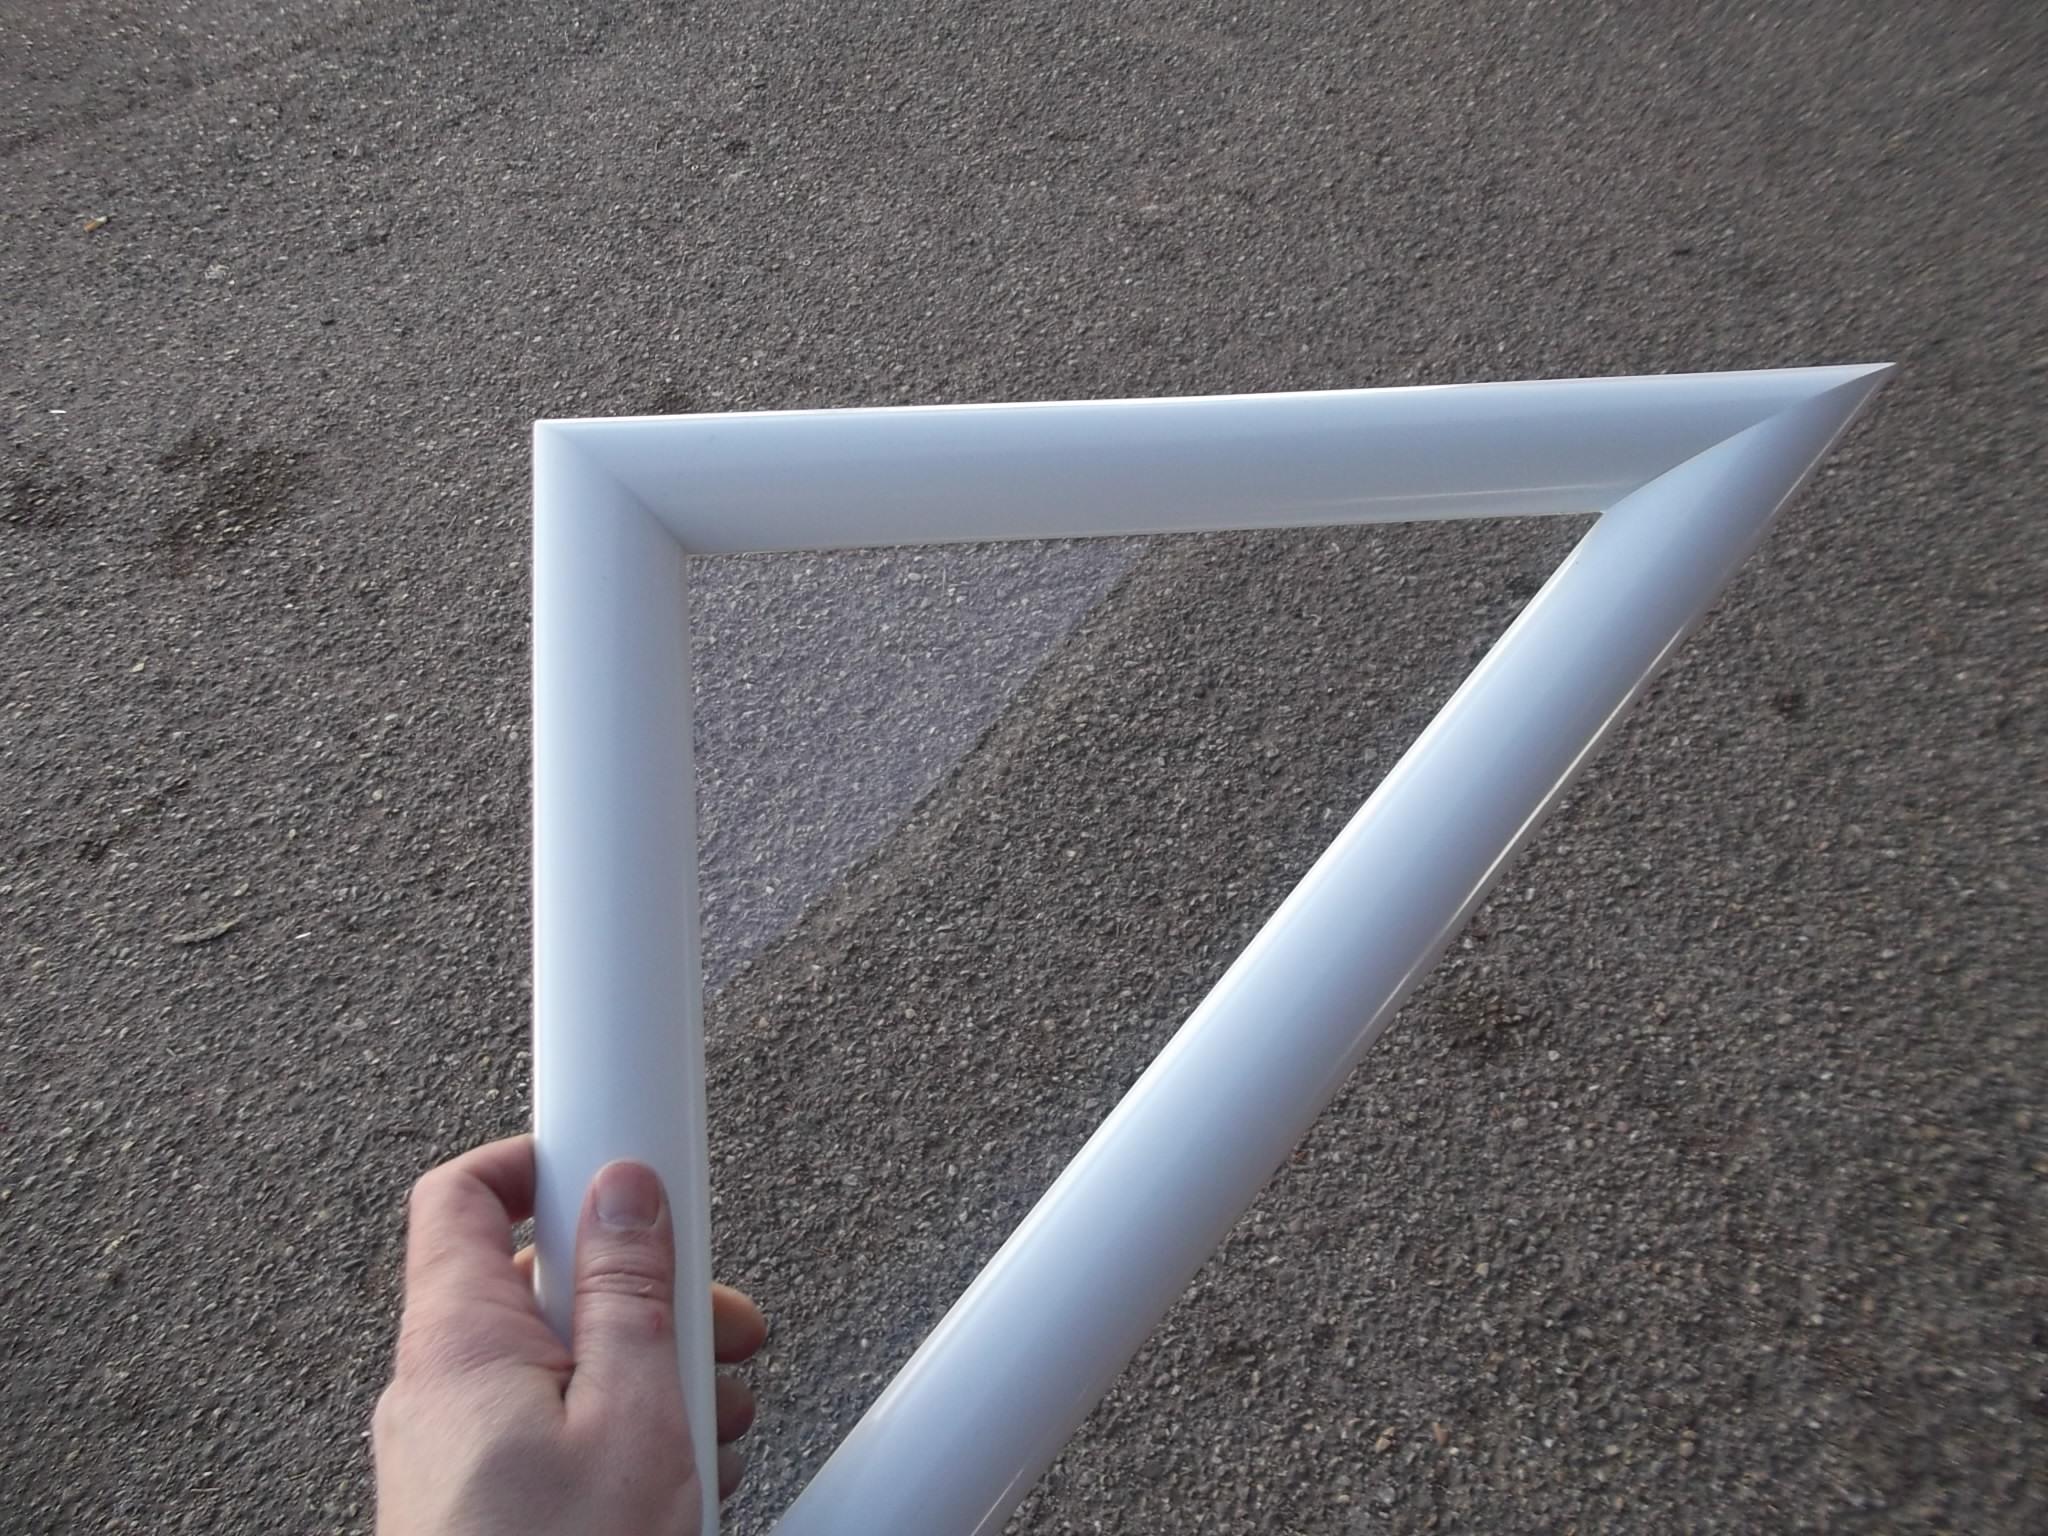 Hublot triangulaire blanc vitres transparentes abc hublots for Hublot pour porte exterieure